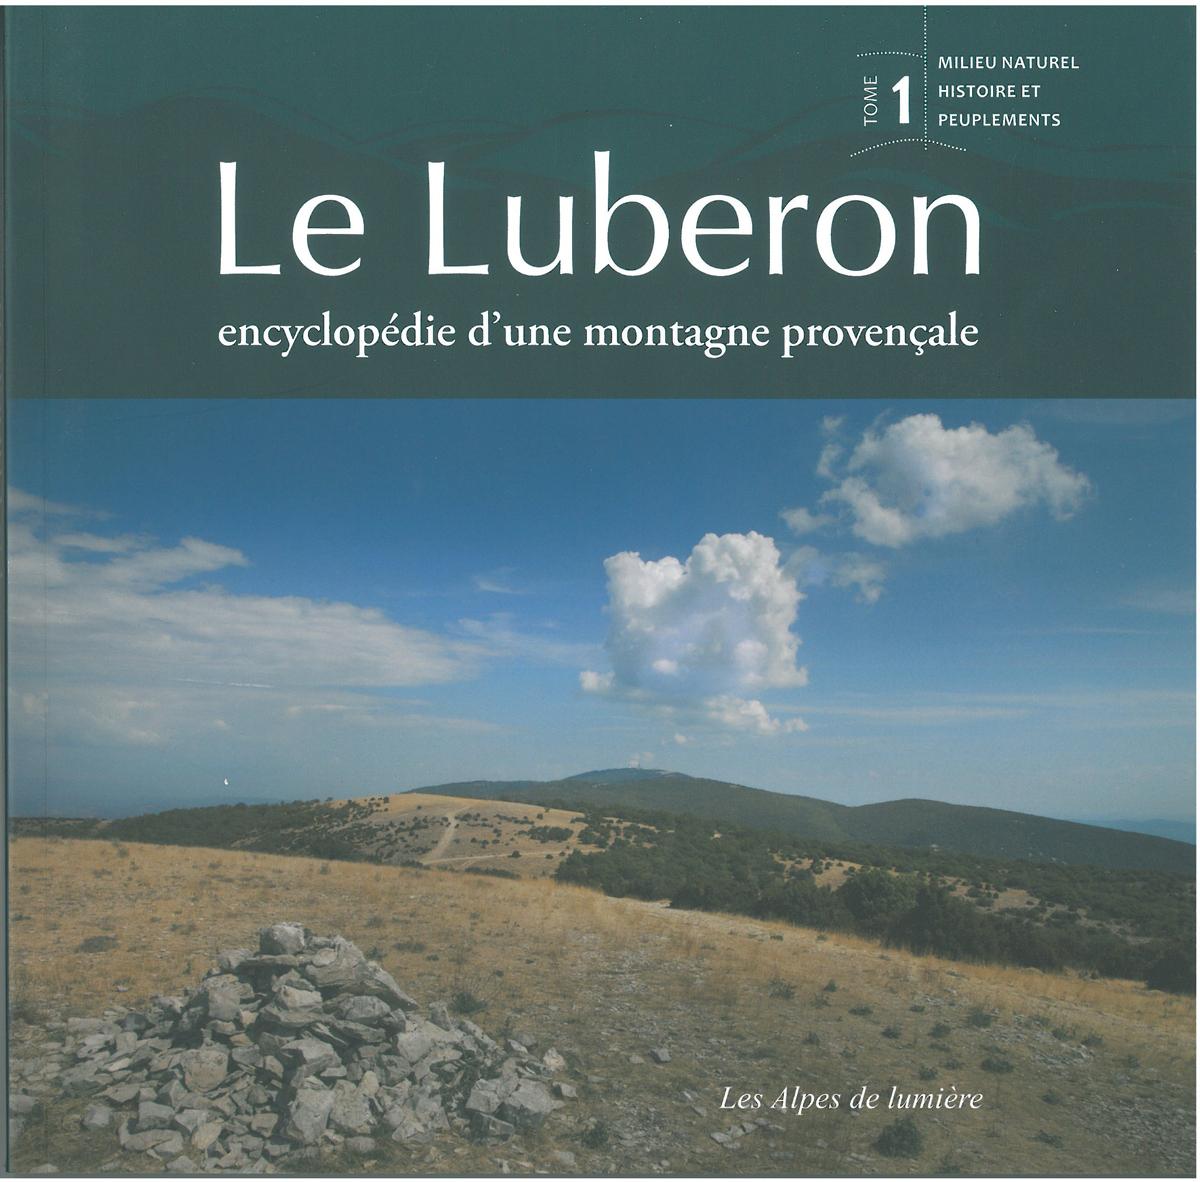 ENCYCLOPEDIE - LE LUBERON - TOME 1 - ENCYCLOPEDIE D'UNE MONTAGNE PROVENCALE